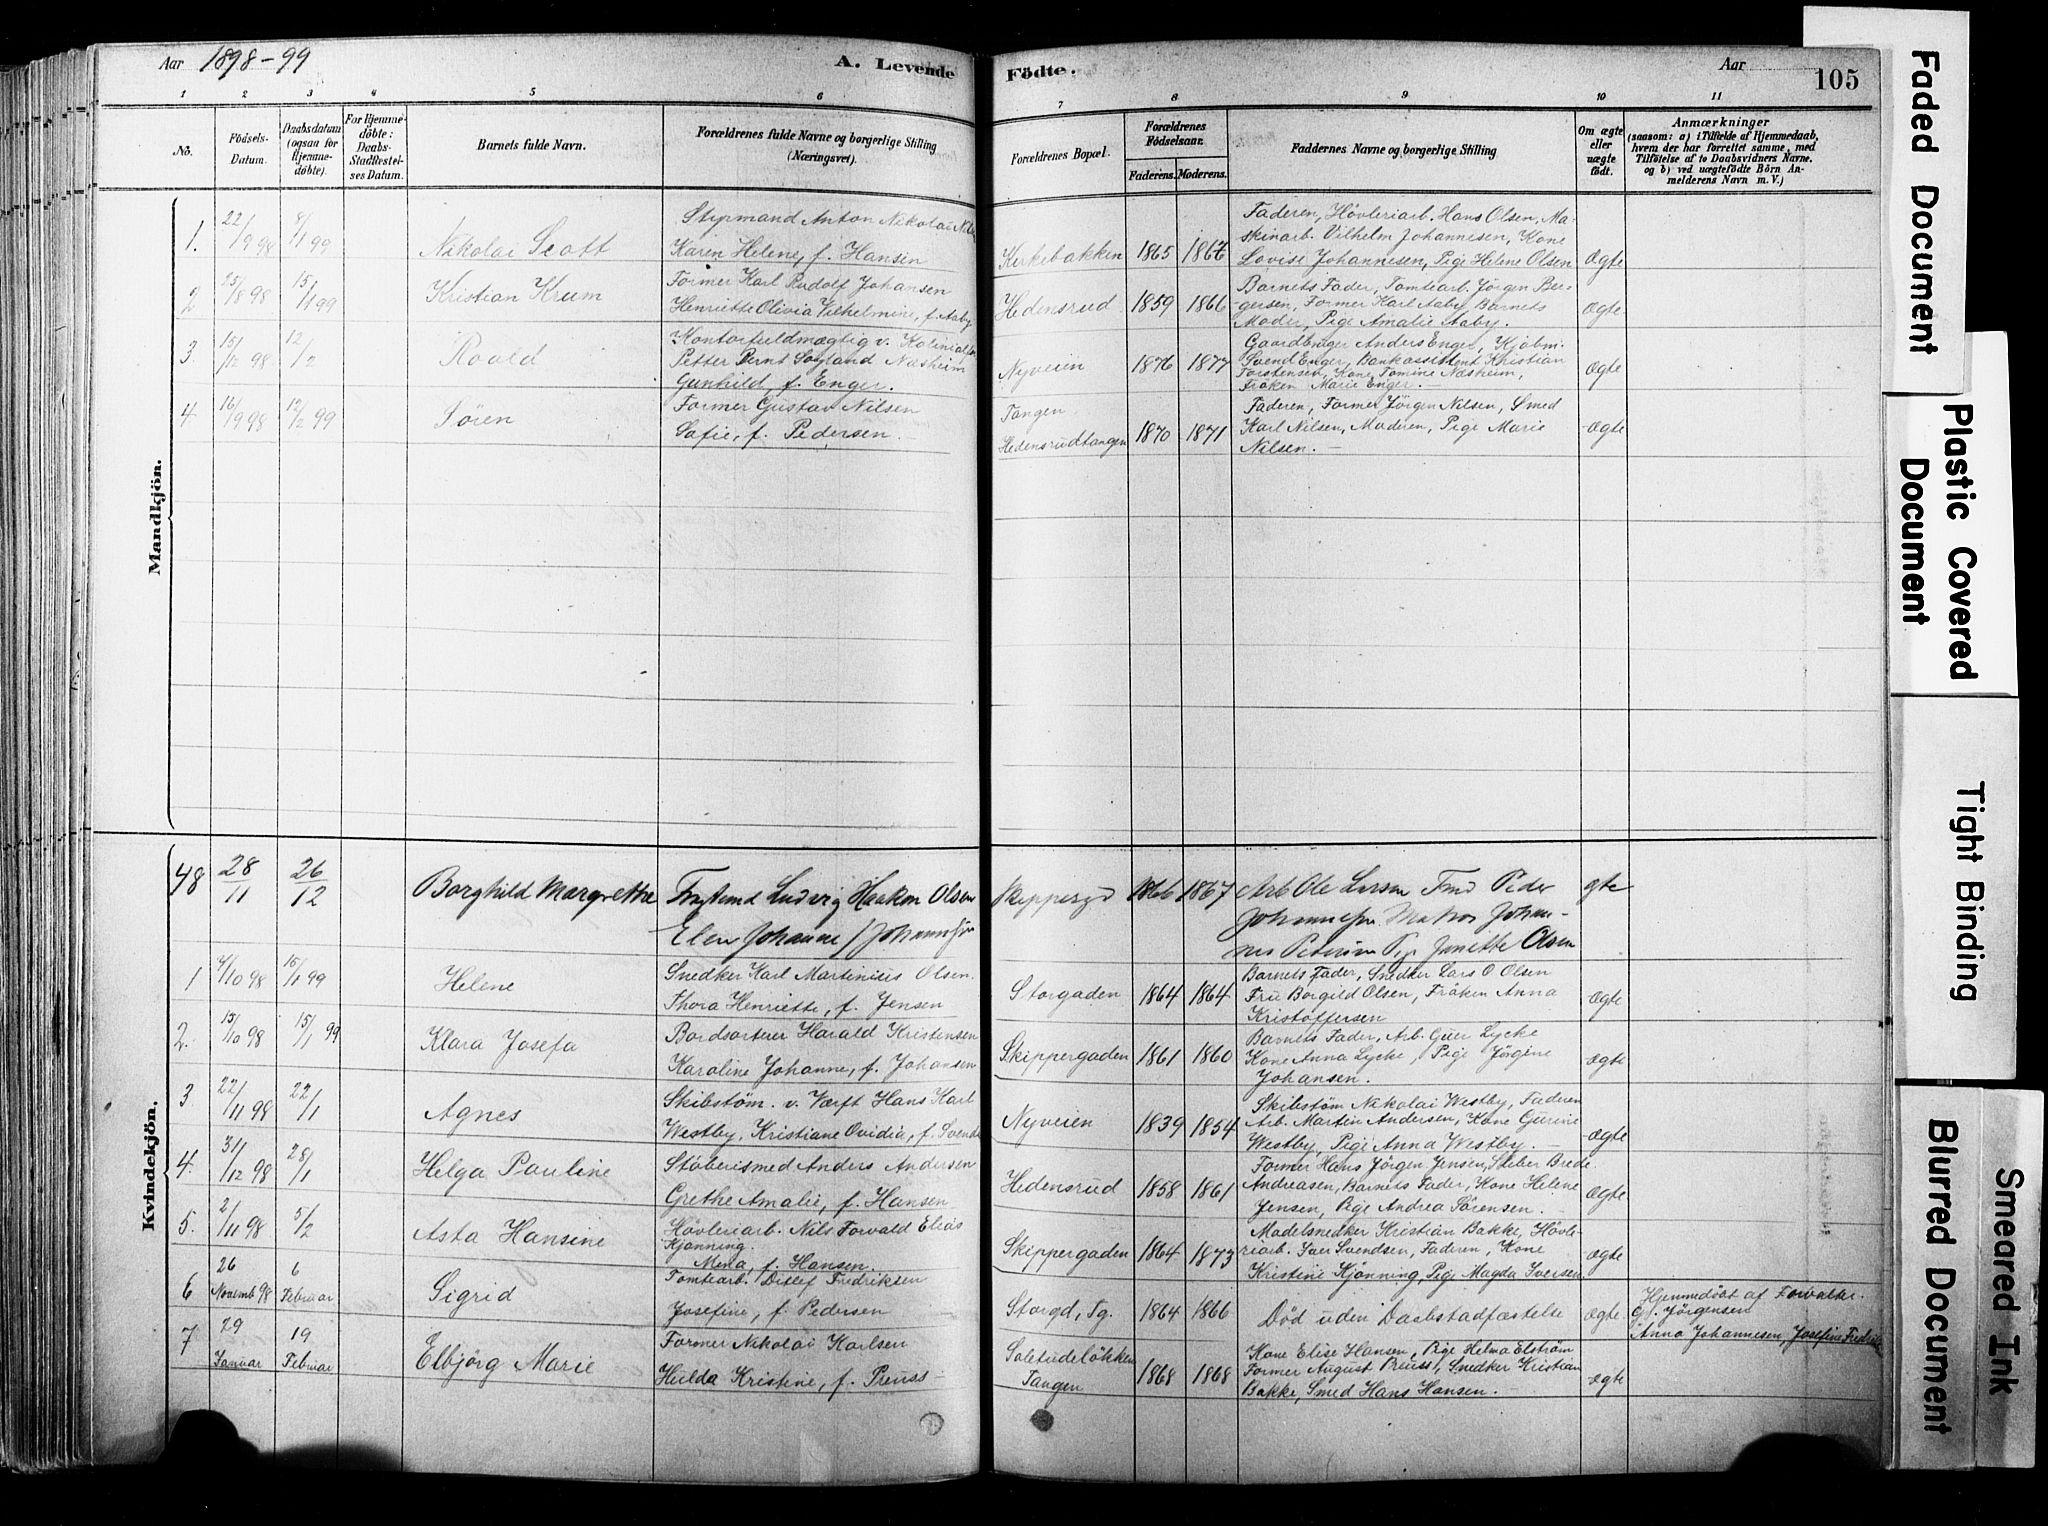 SAKO, Strømsø kirkebøker, F/Fb/L0006: Ministerialbok nr. II 6, 1879-1910, s. 105